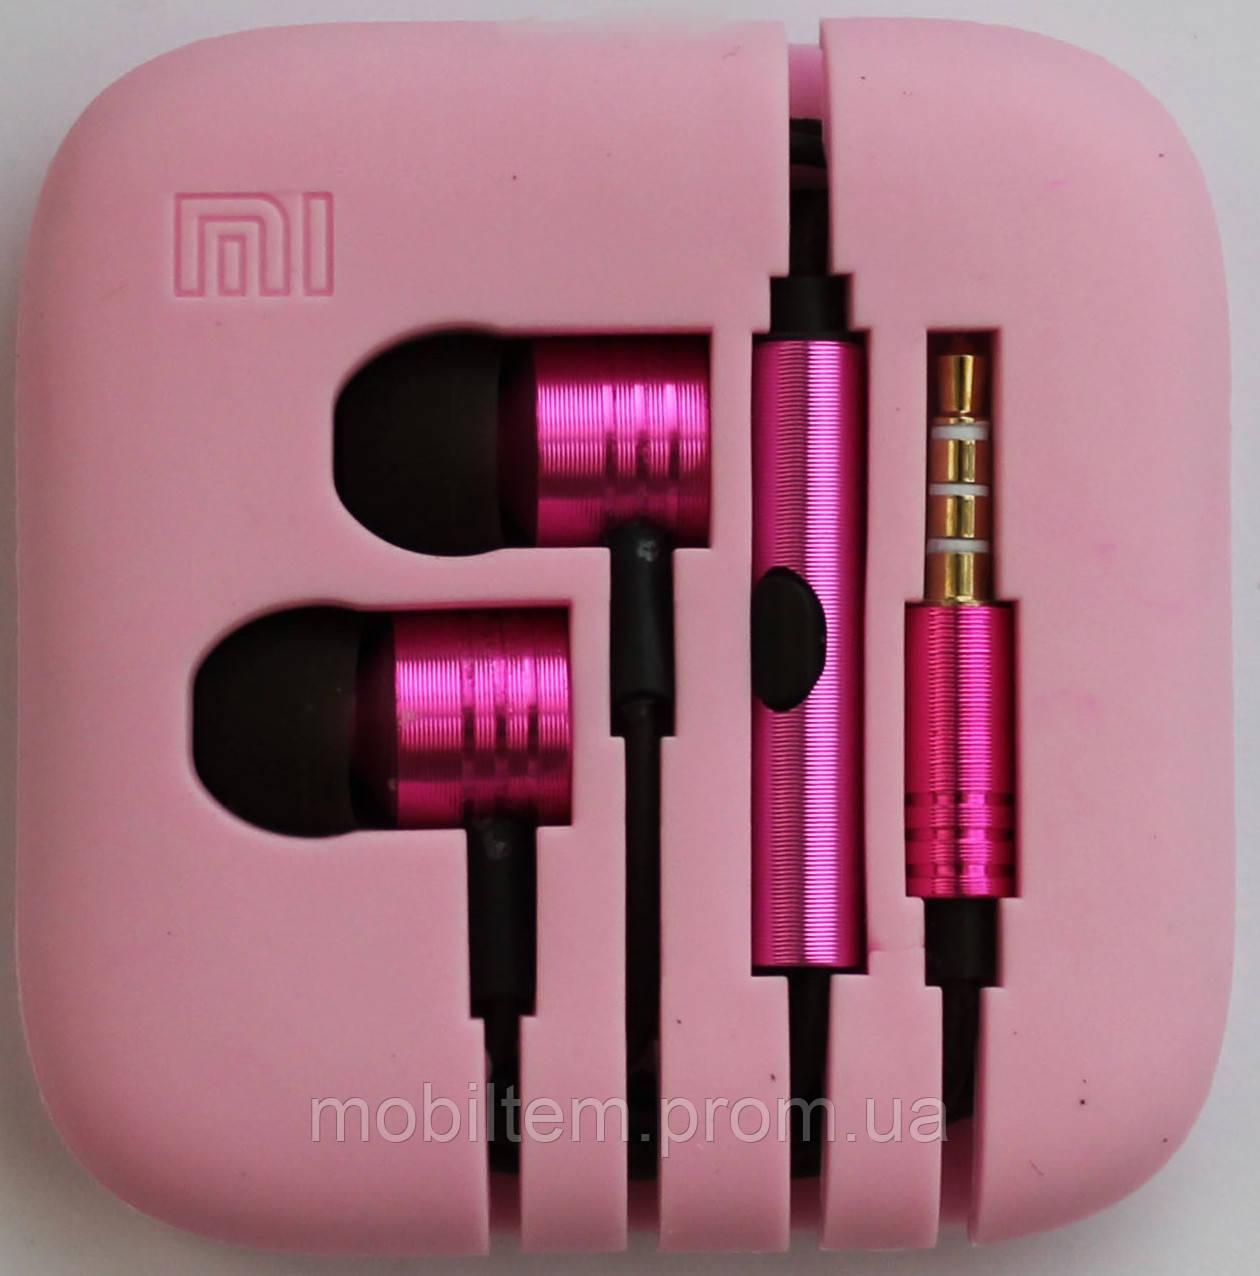 Наушники Xiaomi Piston 2 Pink copy  продажа 99b24ebe3fd6a